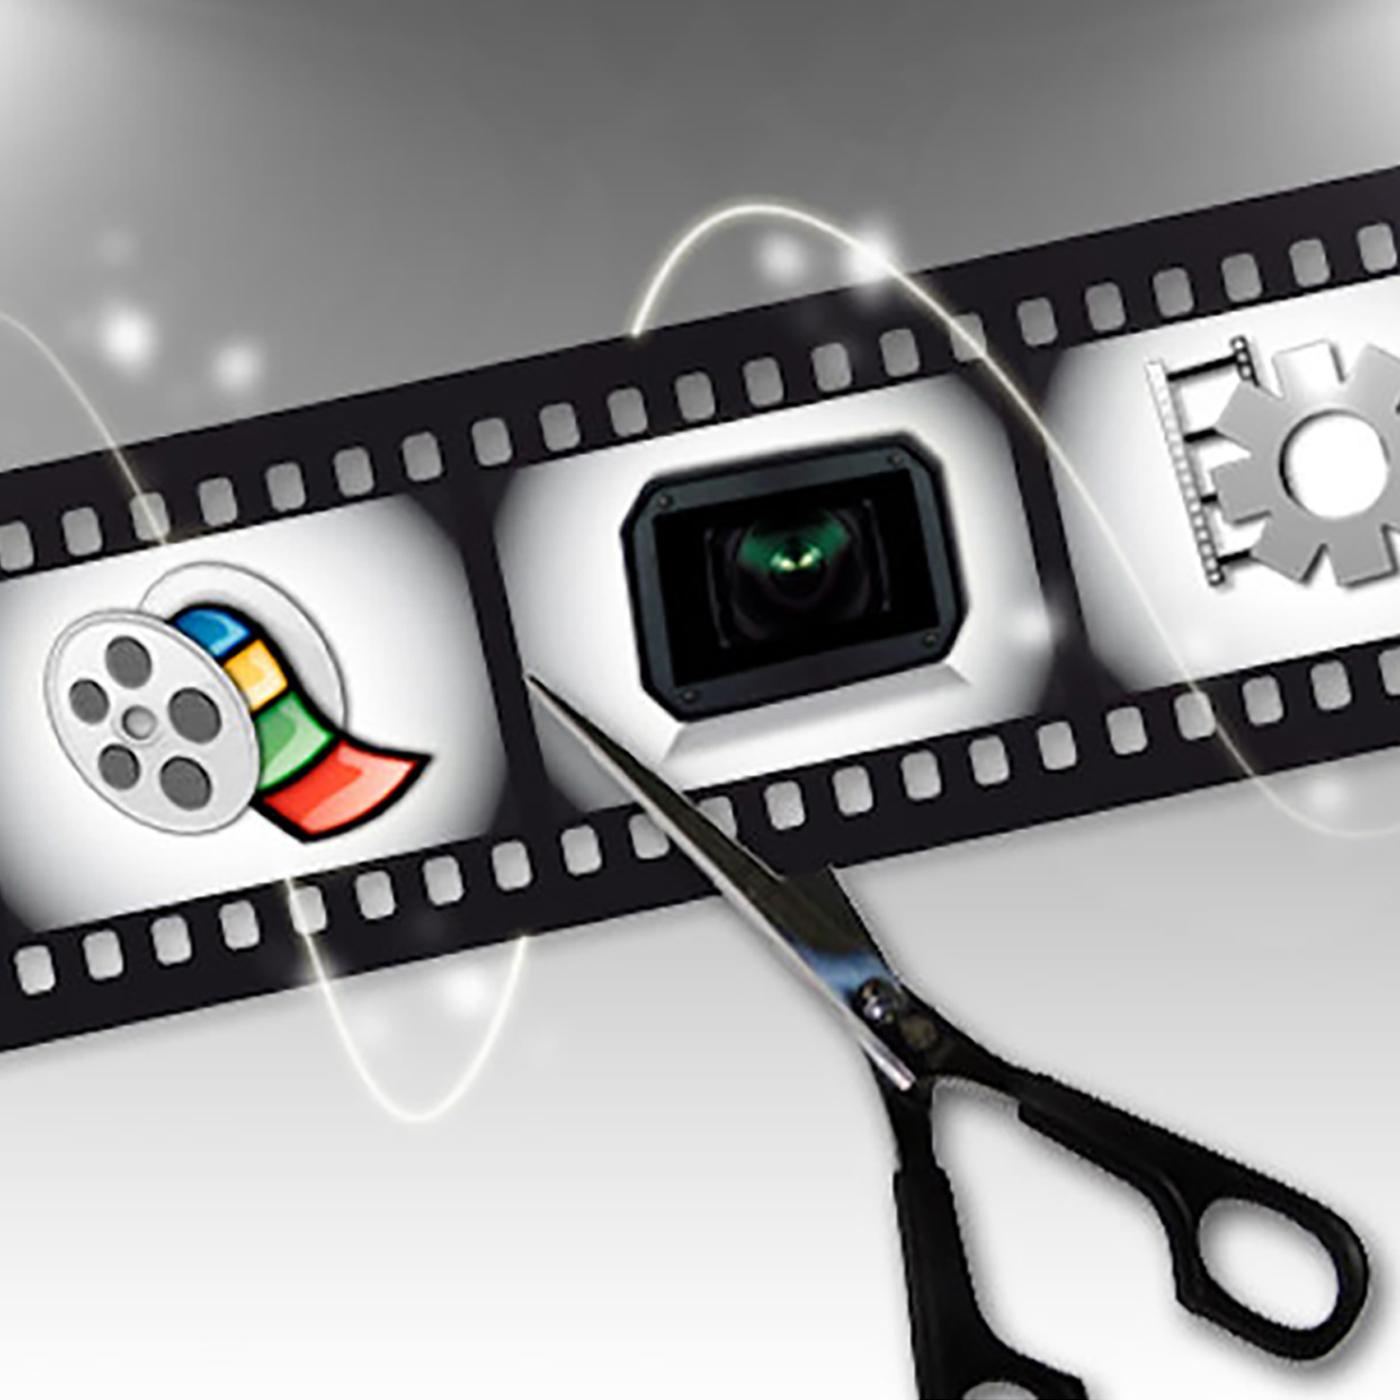 programas-de-edicion-de-videos-600x480